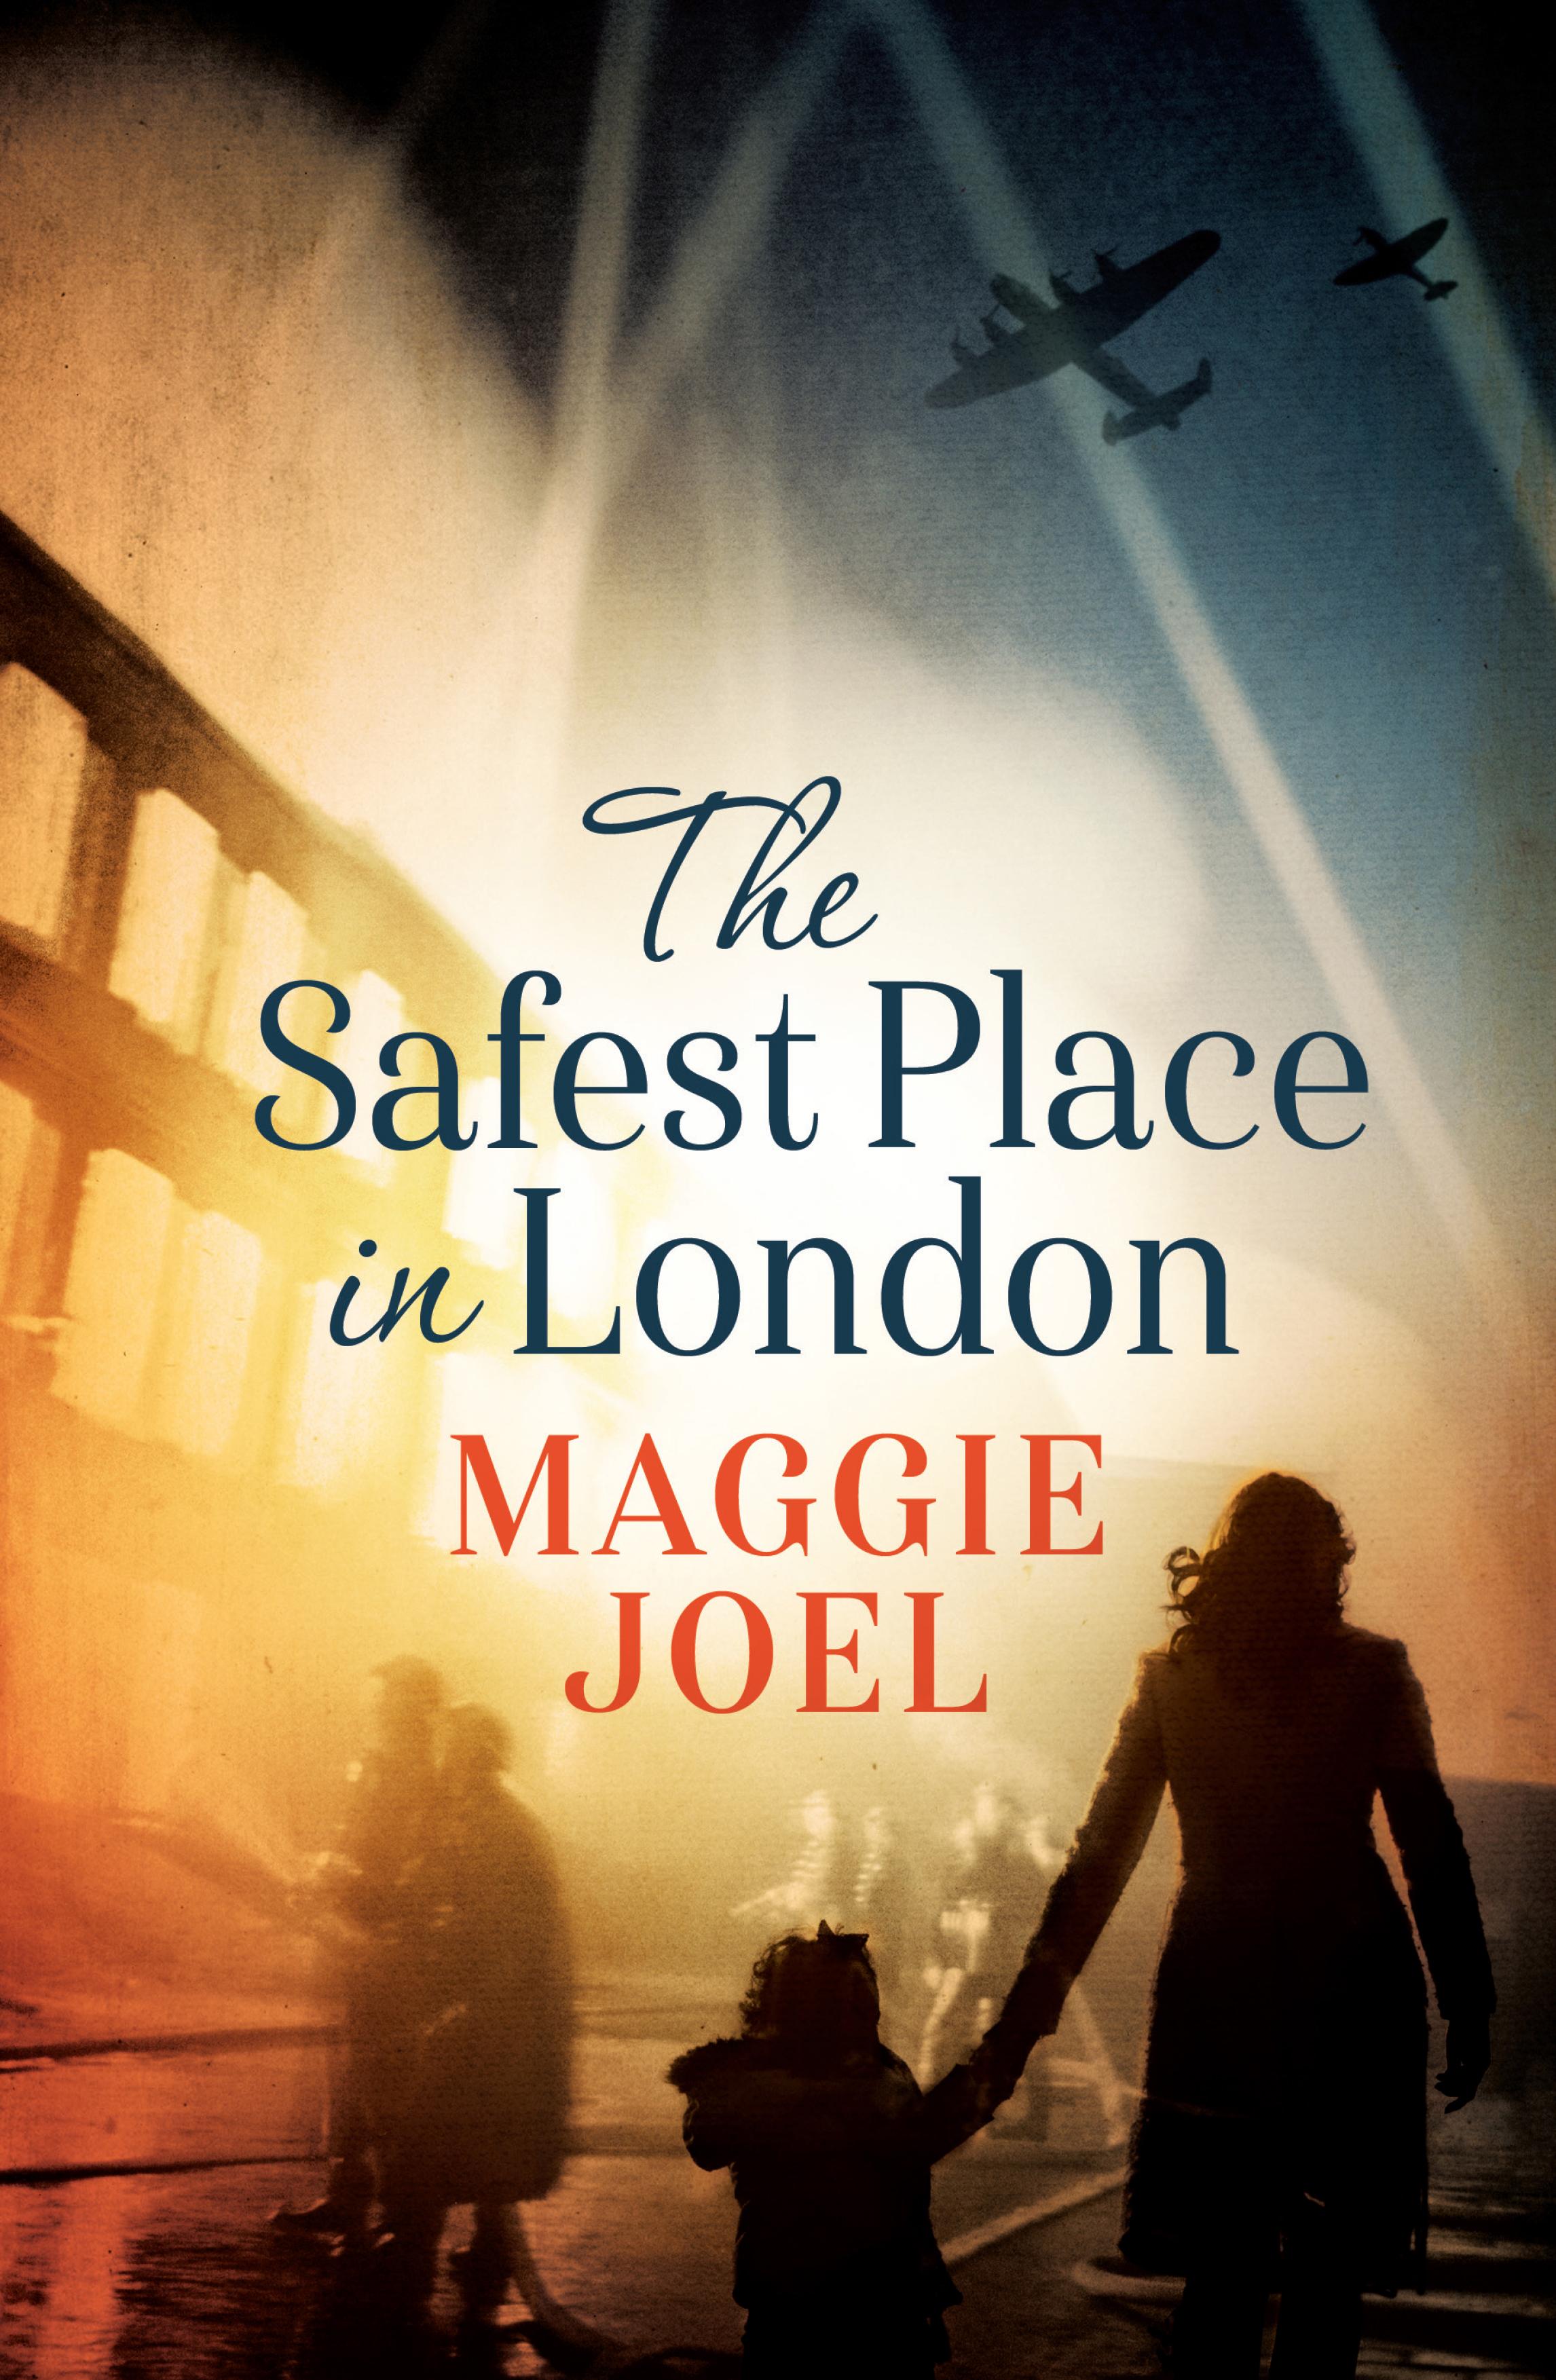 maggie joel allen unwin books by maggie joel